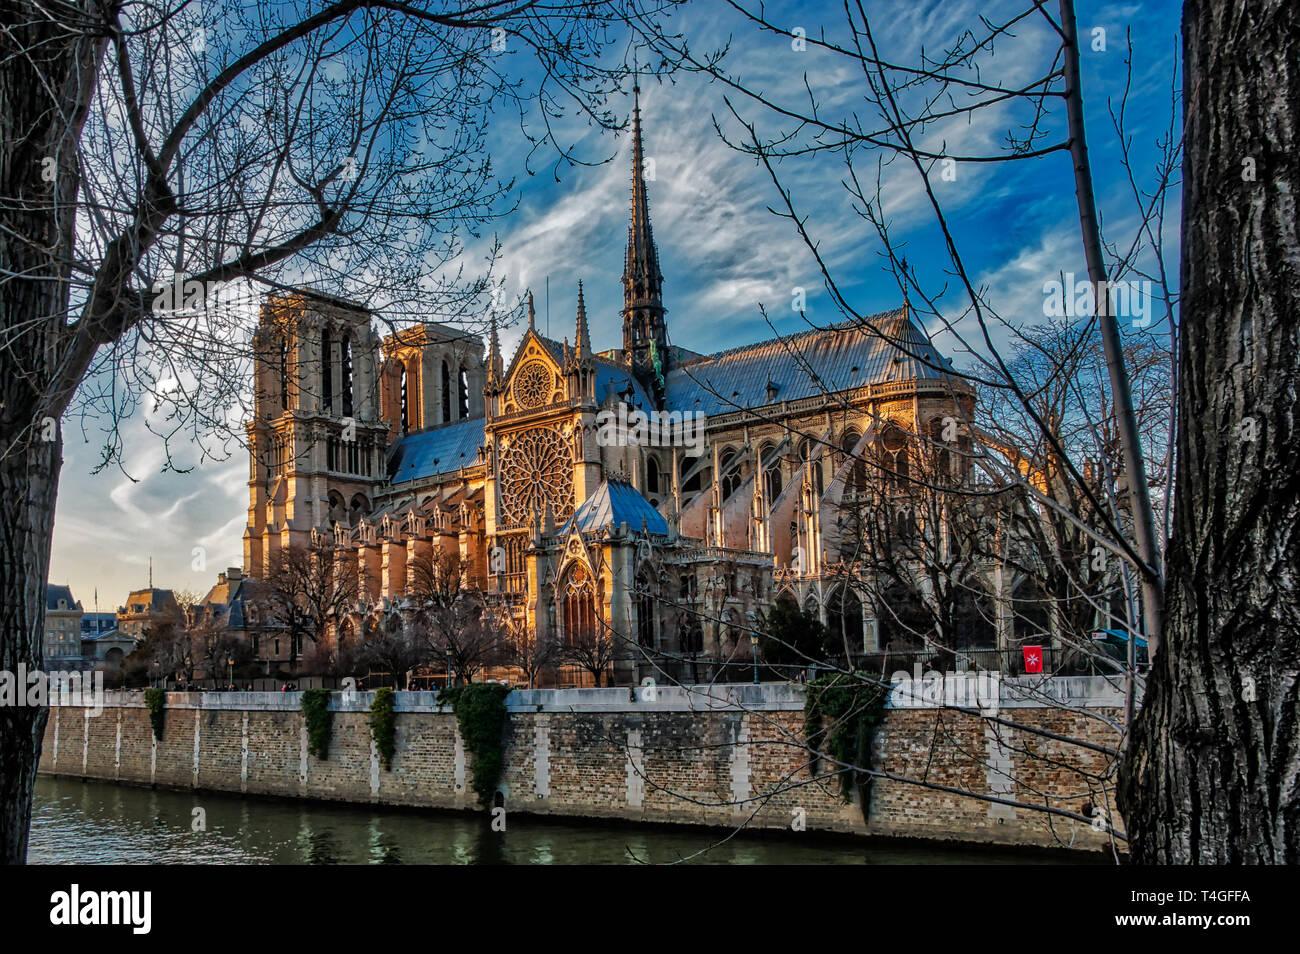 HDR picture of Notre Dame de Paris. - Stock Image